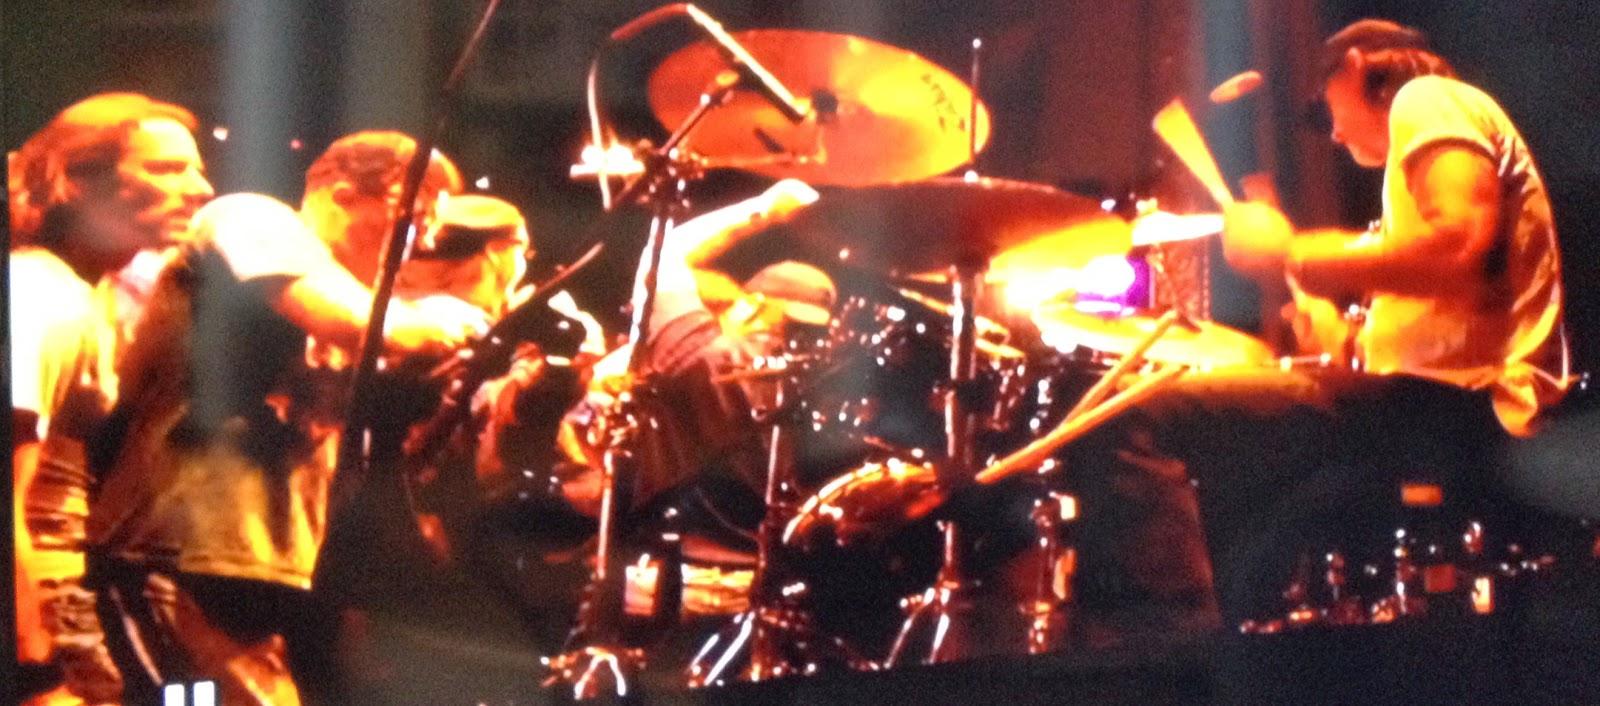 Stooges Drummer